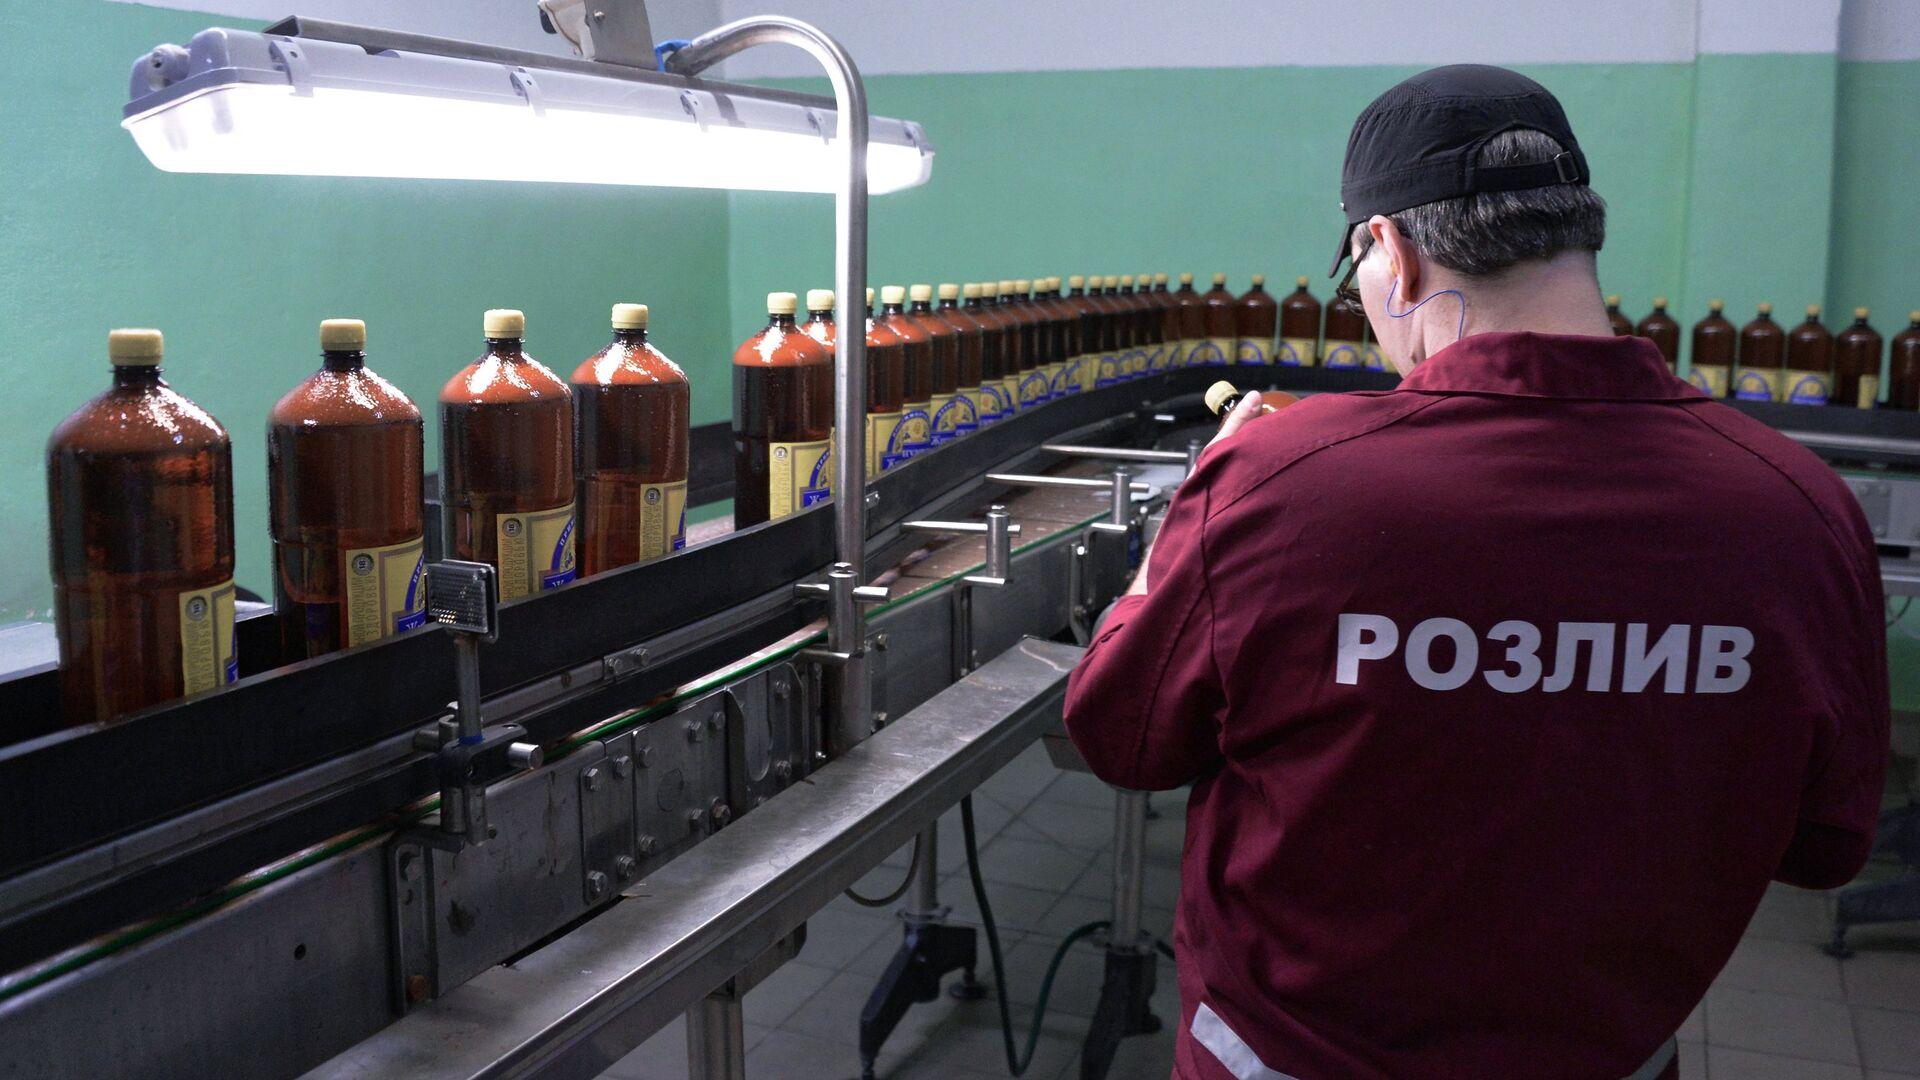 Сотрудники у линии розлива пива в полиэтиленовые бутылки в цехе розлива пива  - РИА Новости, 1920, 09.08.2021